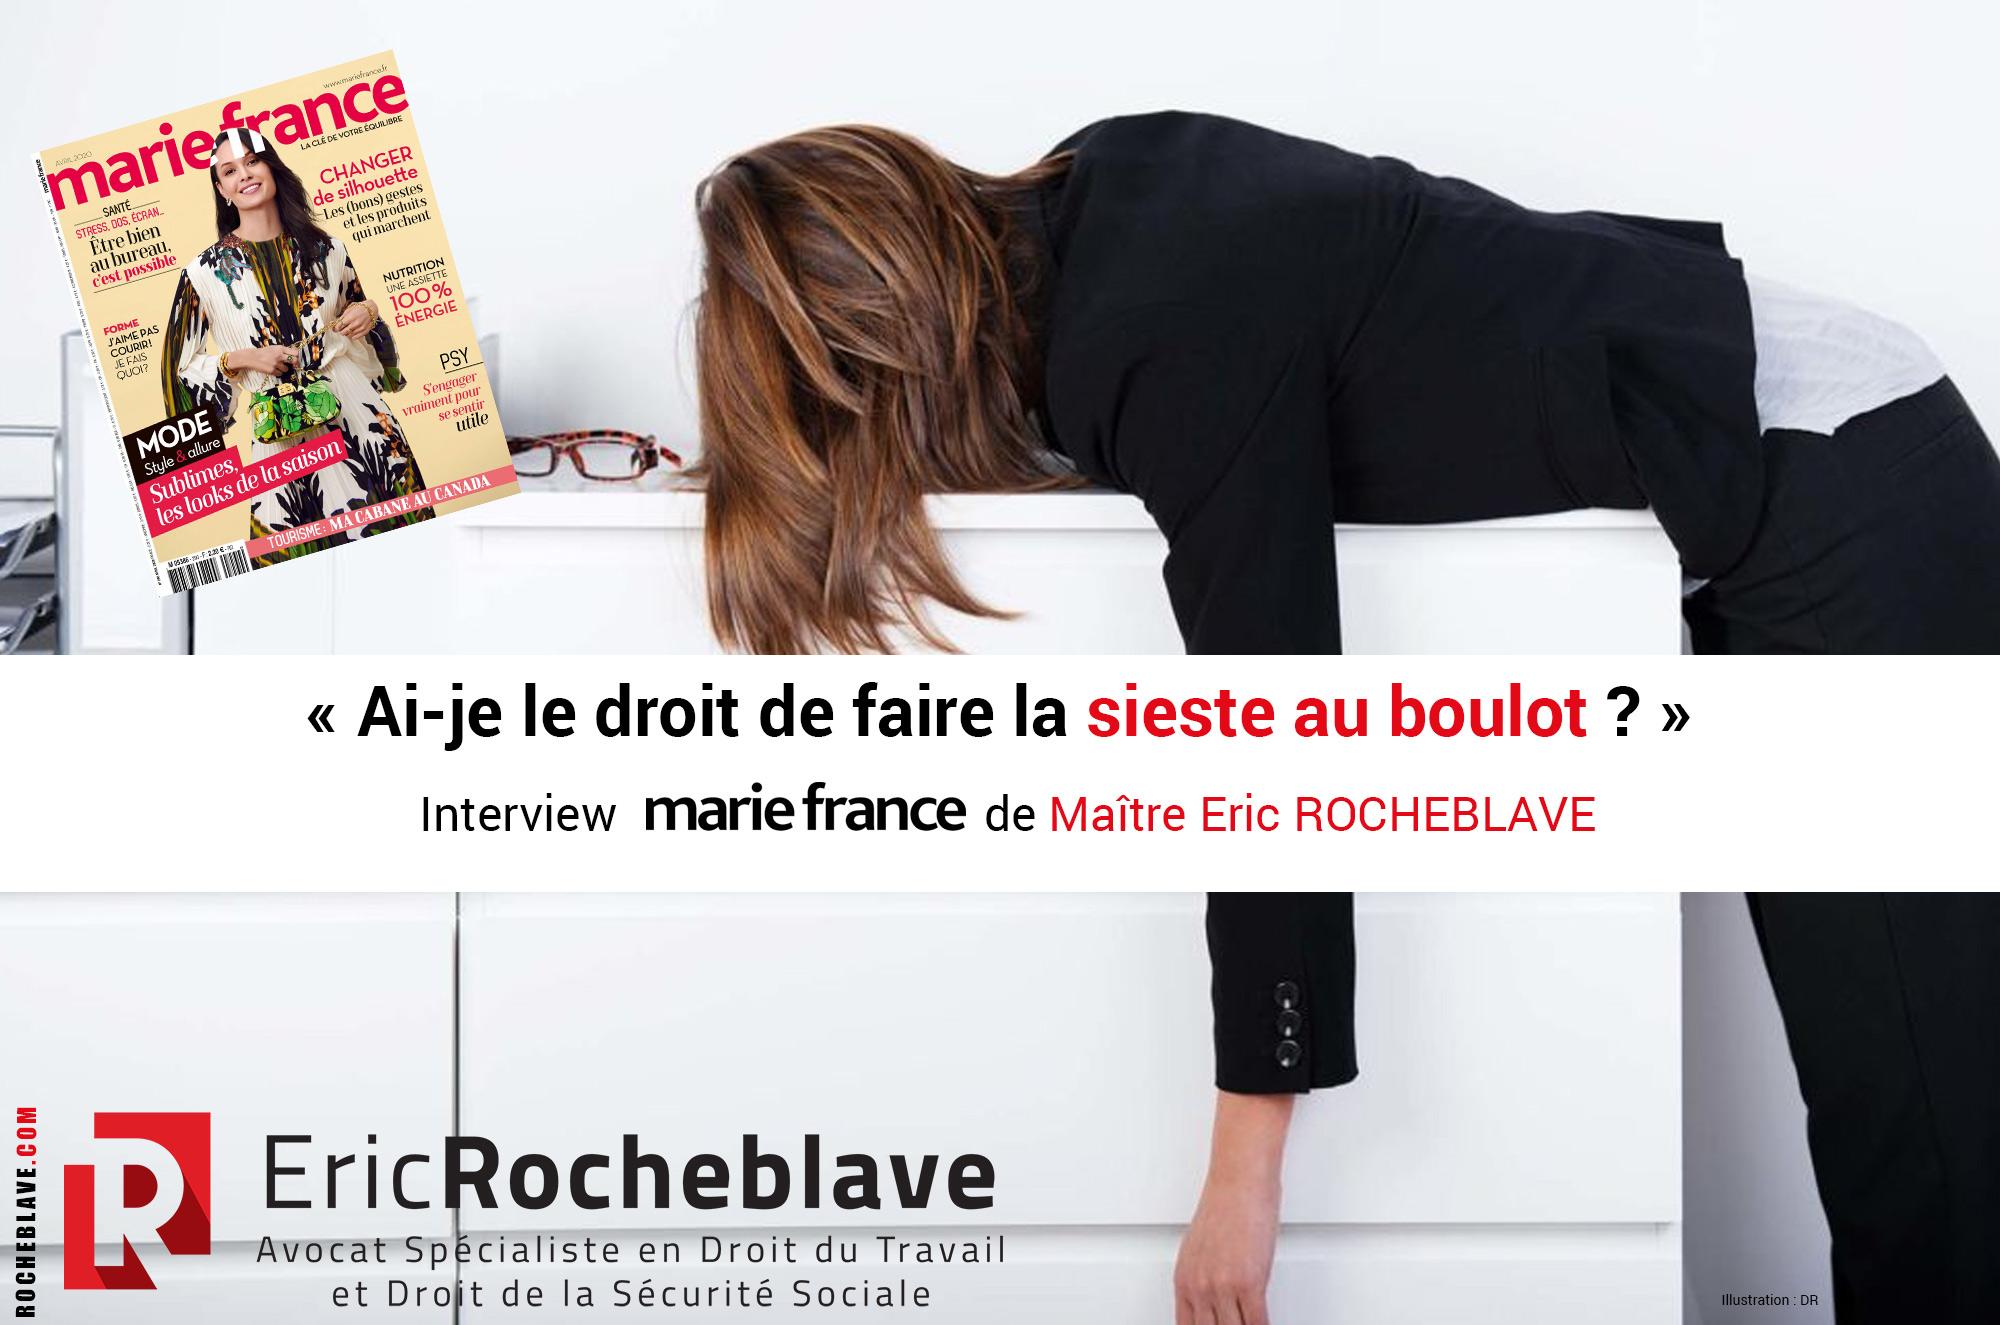 « Ai-je le droit de faire la sieste au boulot ? » Interview mariefrance de Maître Eric ROCHEBLAVE